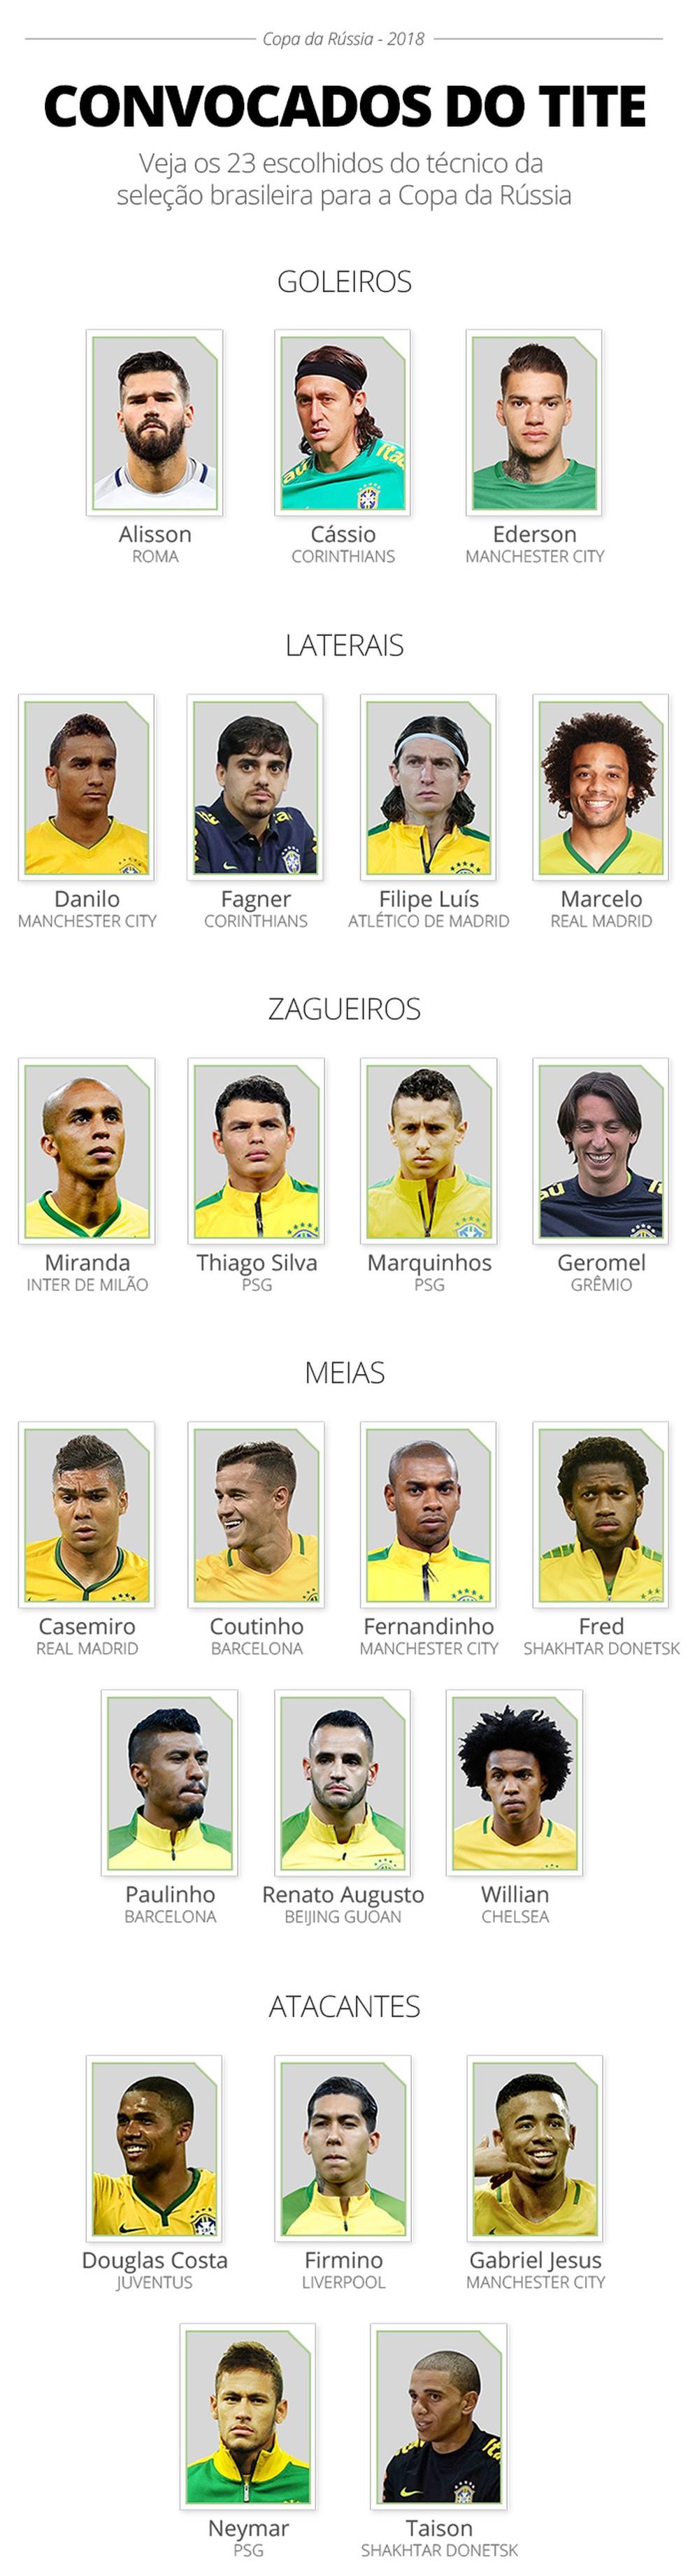 Lista de convocados da Seleção (Foto: GloboEsporte.com)